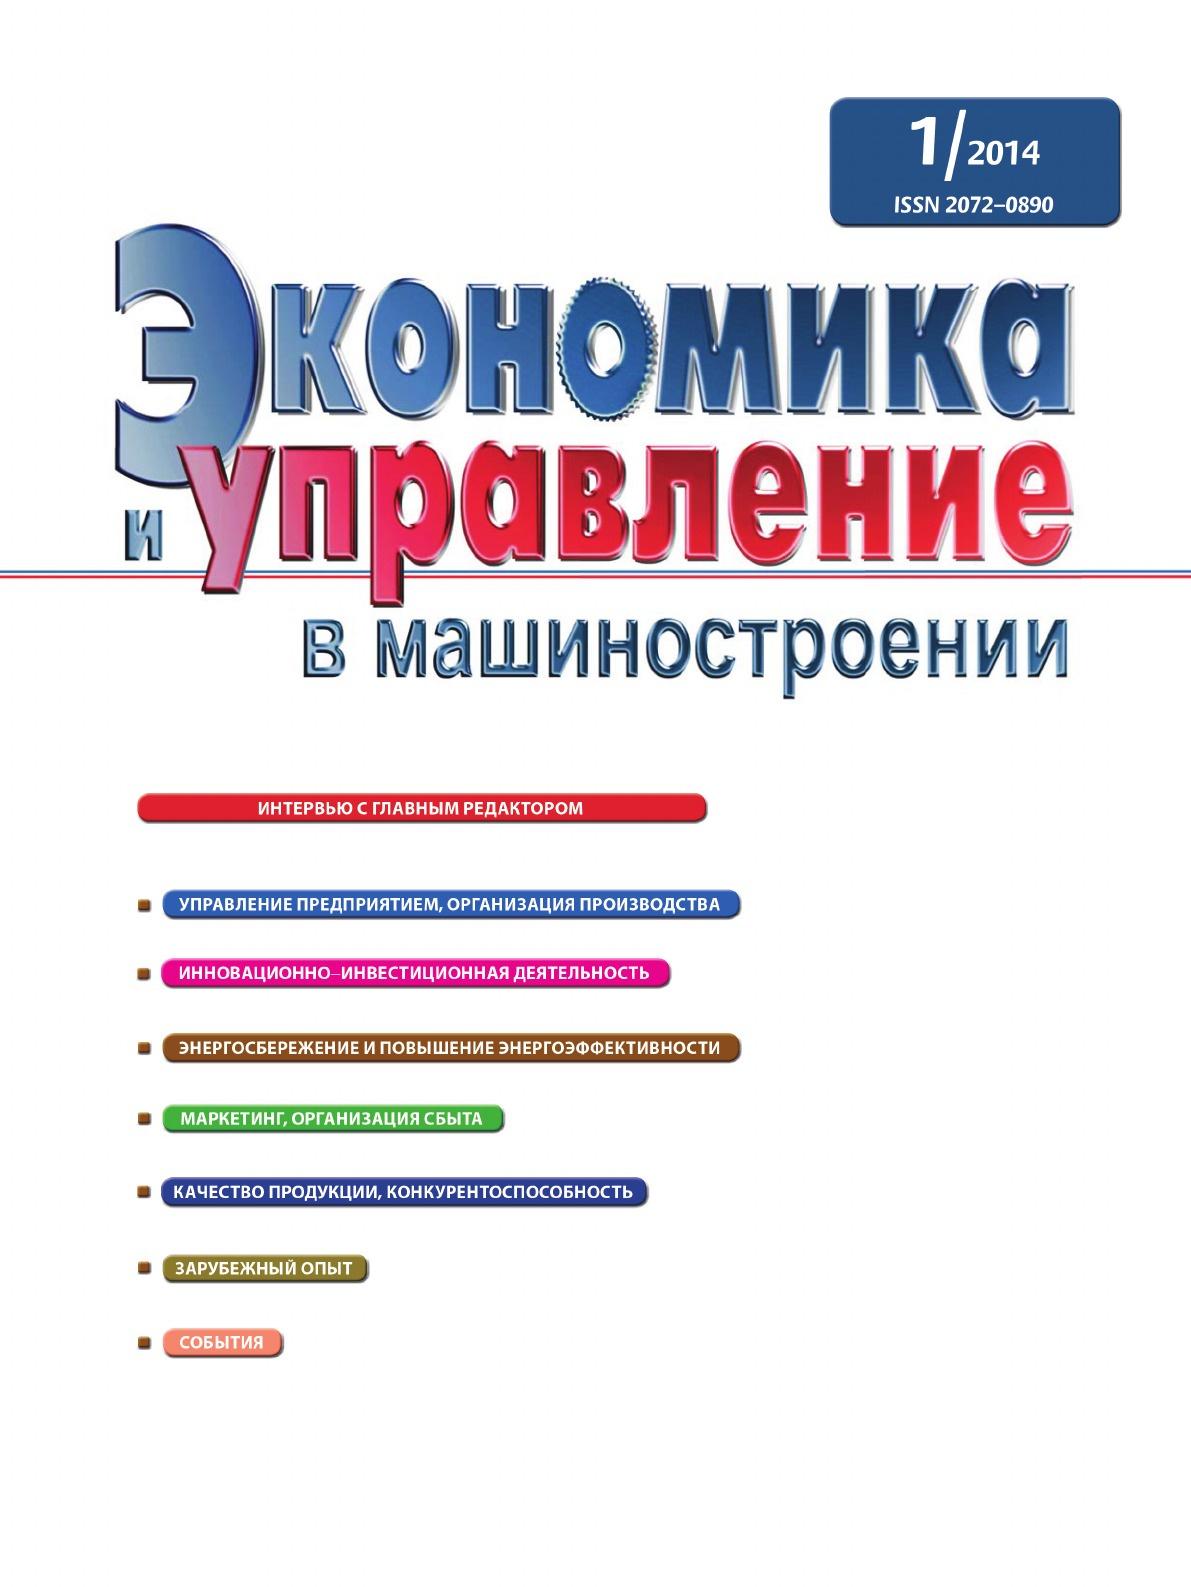 сборник Экономика и управление в машиностроении. № 1 (31) сборник экономика и управление в машиностроении 6 декабрь 2014